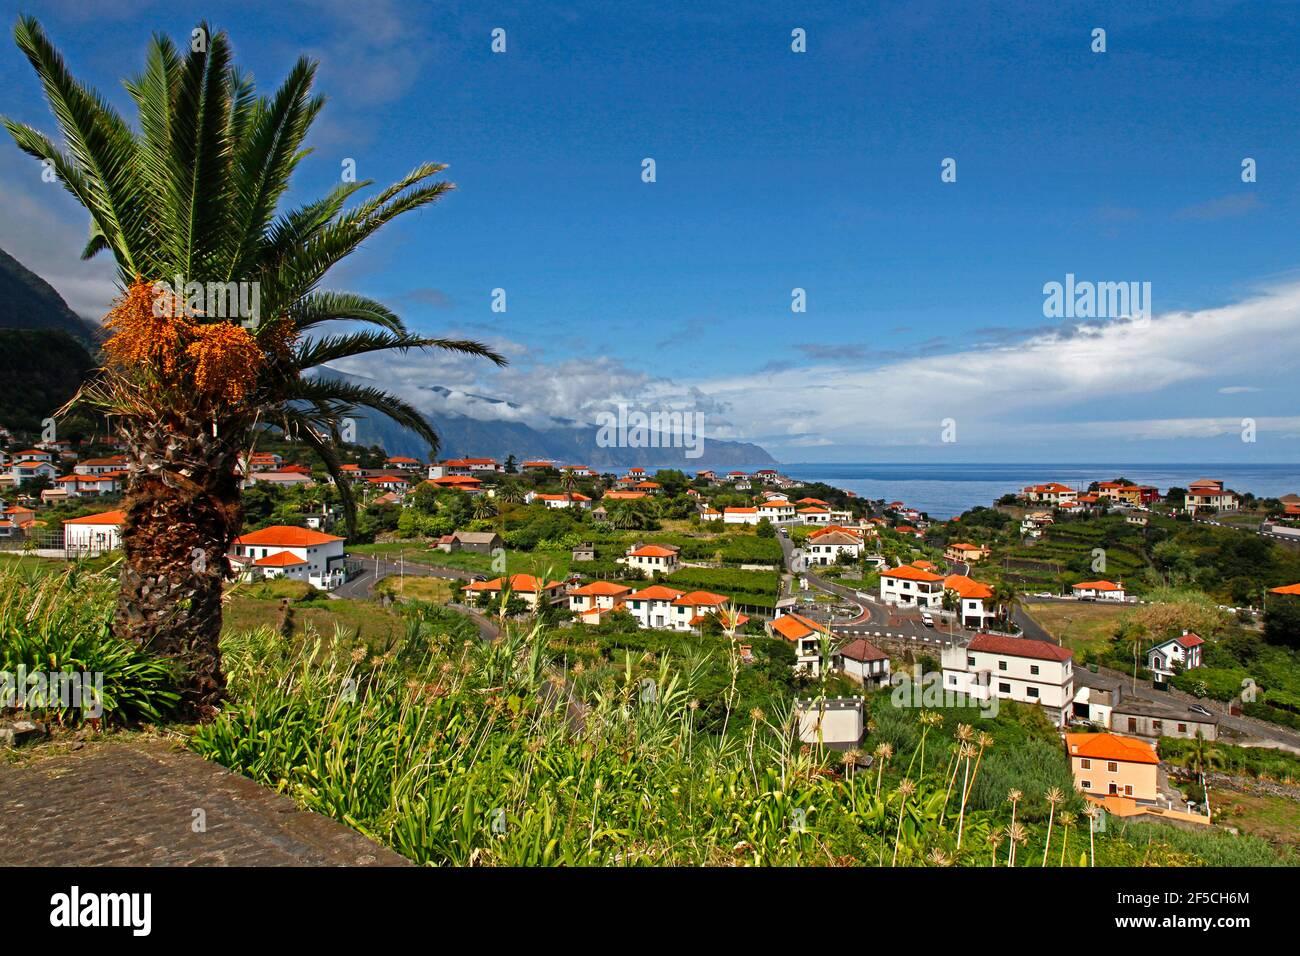 Géographie / Voyage, Portugal, Ile de Madère, lieu de pèlerinage Ponta Delgada, droits-supplémentaires-décharge-Info-non-disponible Banque D'Images